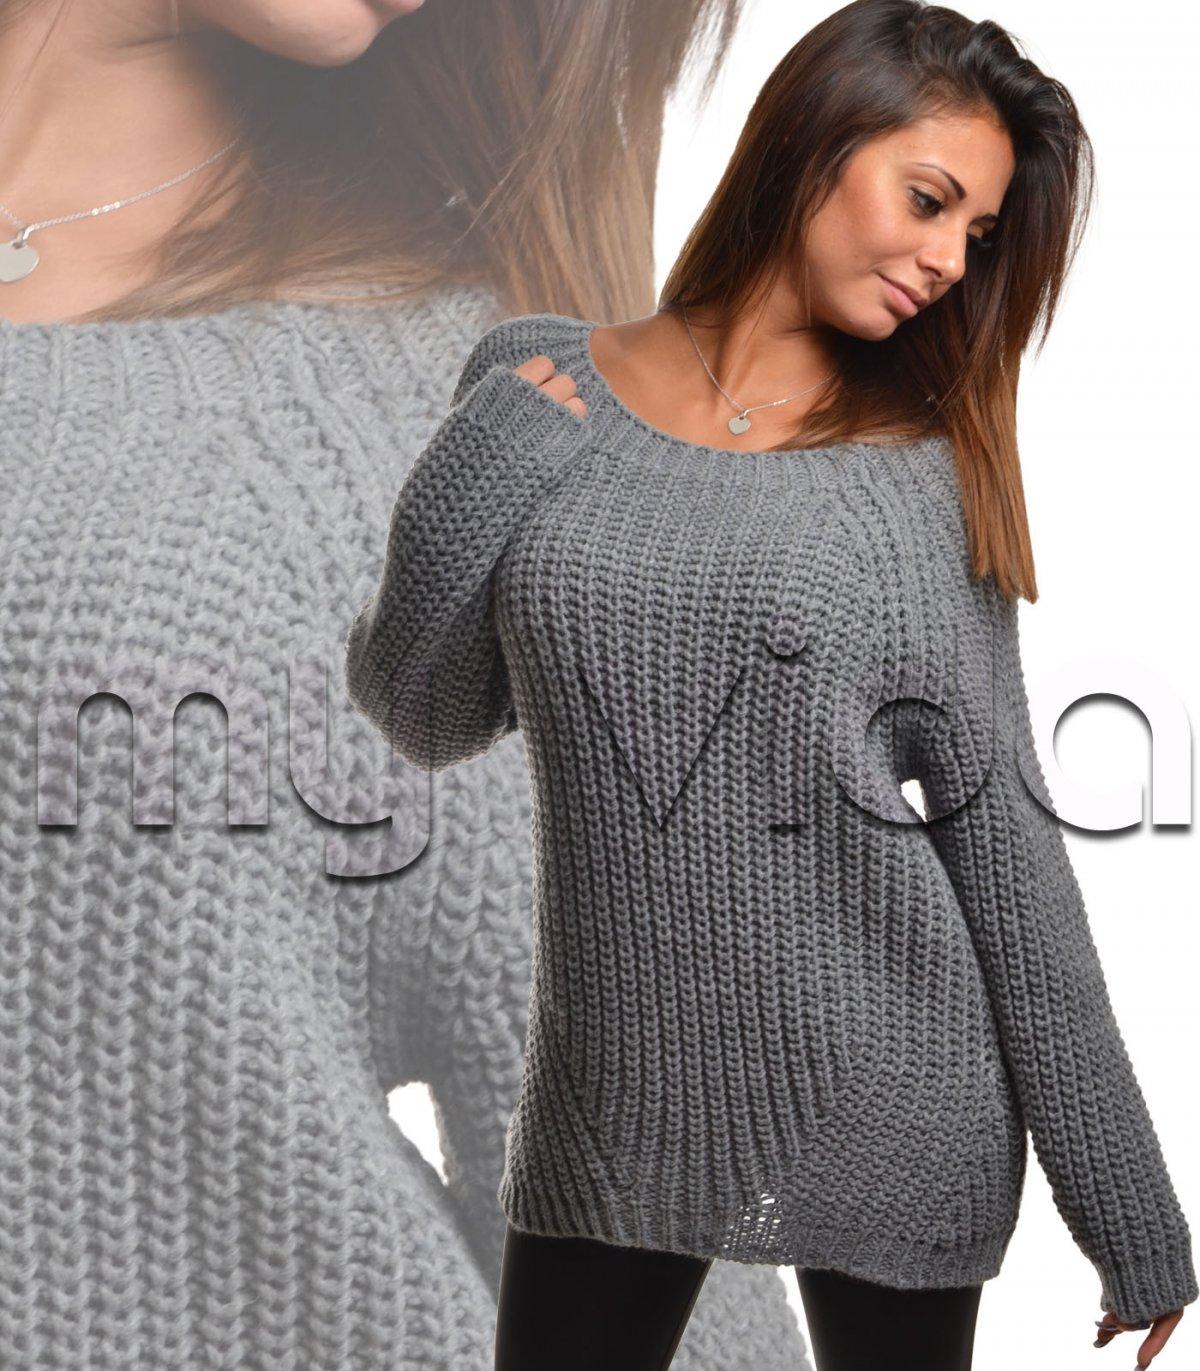 new product 5dc84 60b38 Maxi pullover lana donna maglione lungo | My Vida